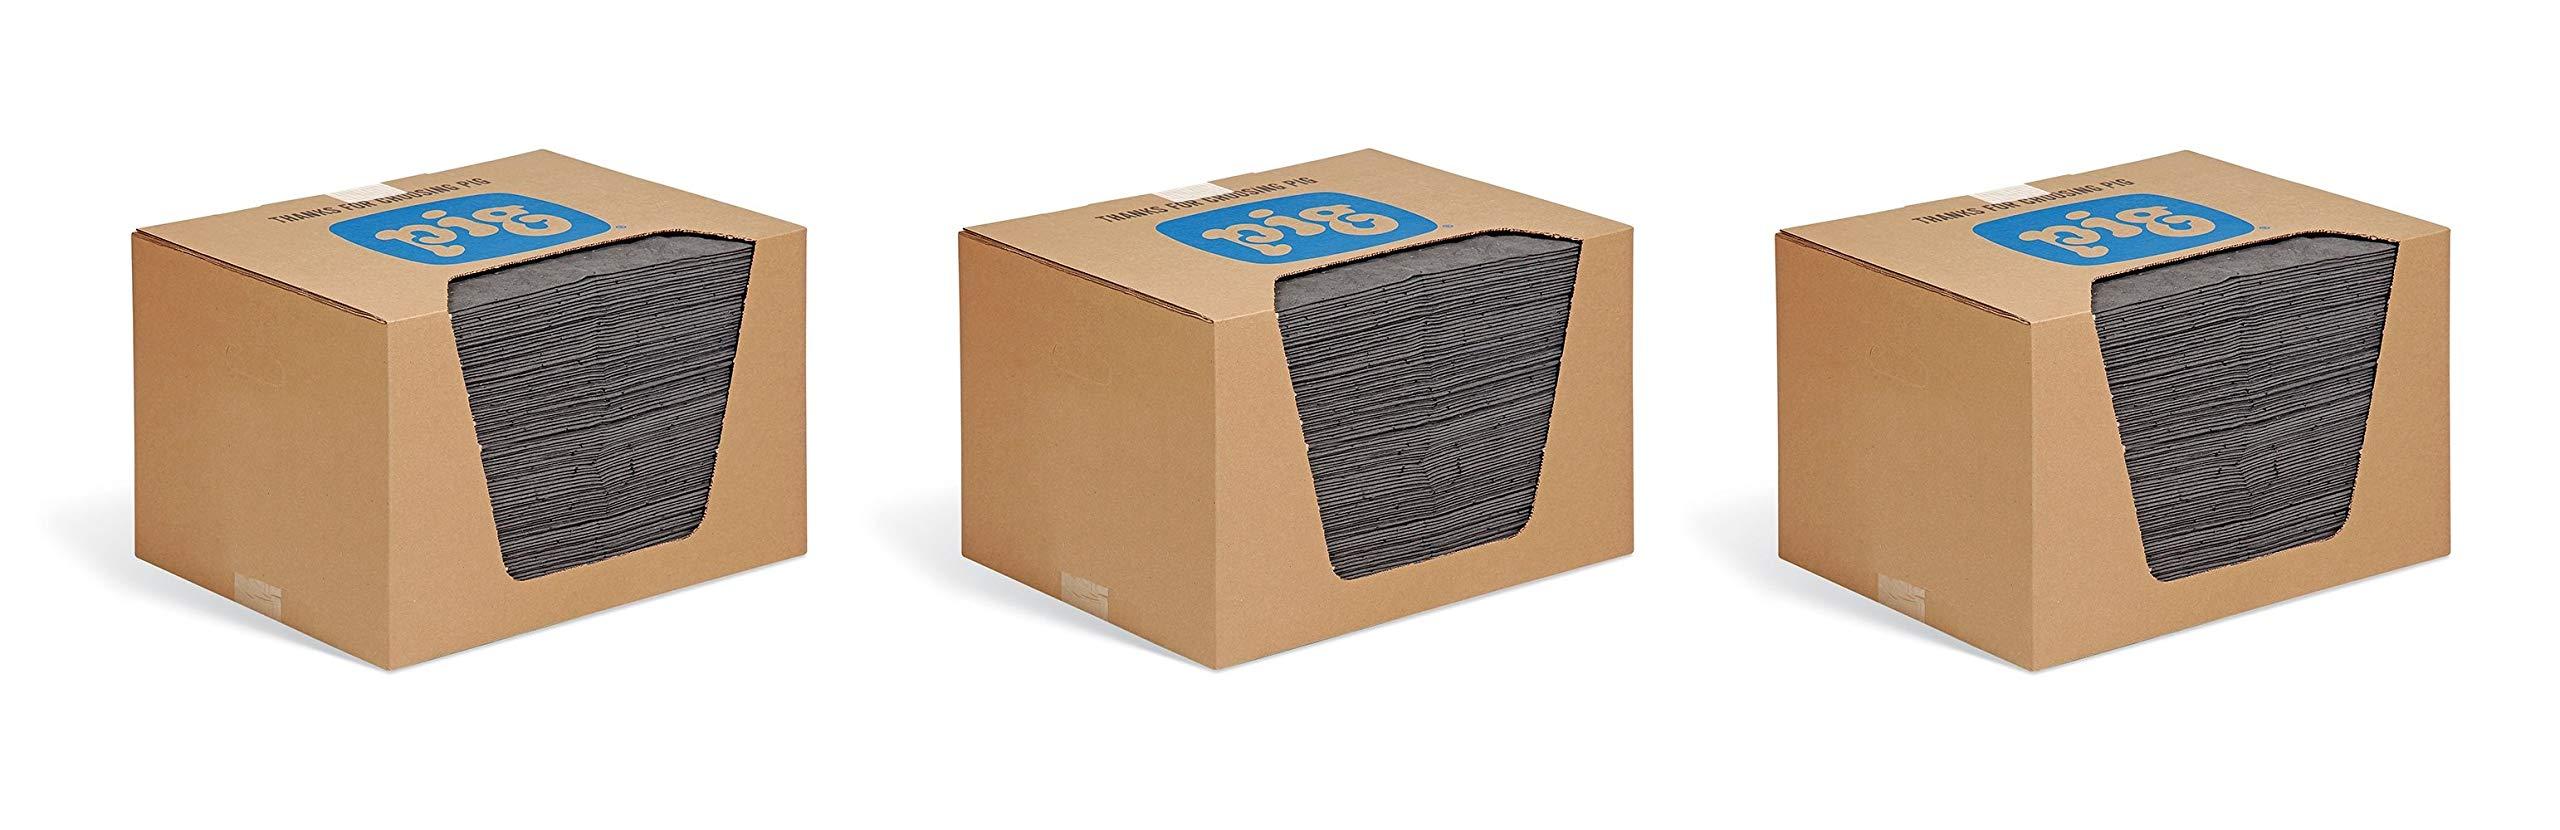 New Pig Mat - Oil Absorbent Pad Absorbs 28 Ounces - 100 Heavyweight 15'' x 20'' Mat Pads - MAT240 (3 X Pack of 100)